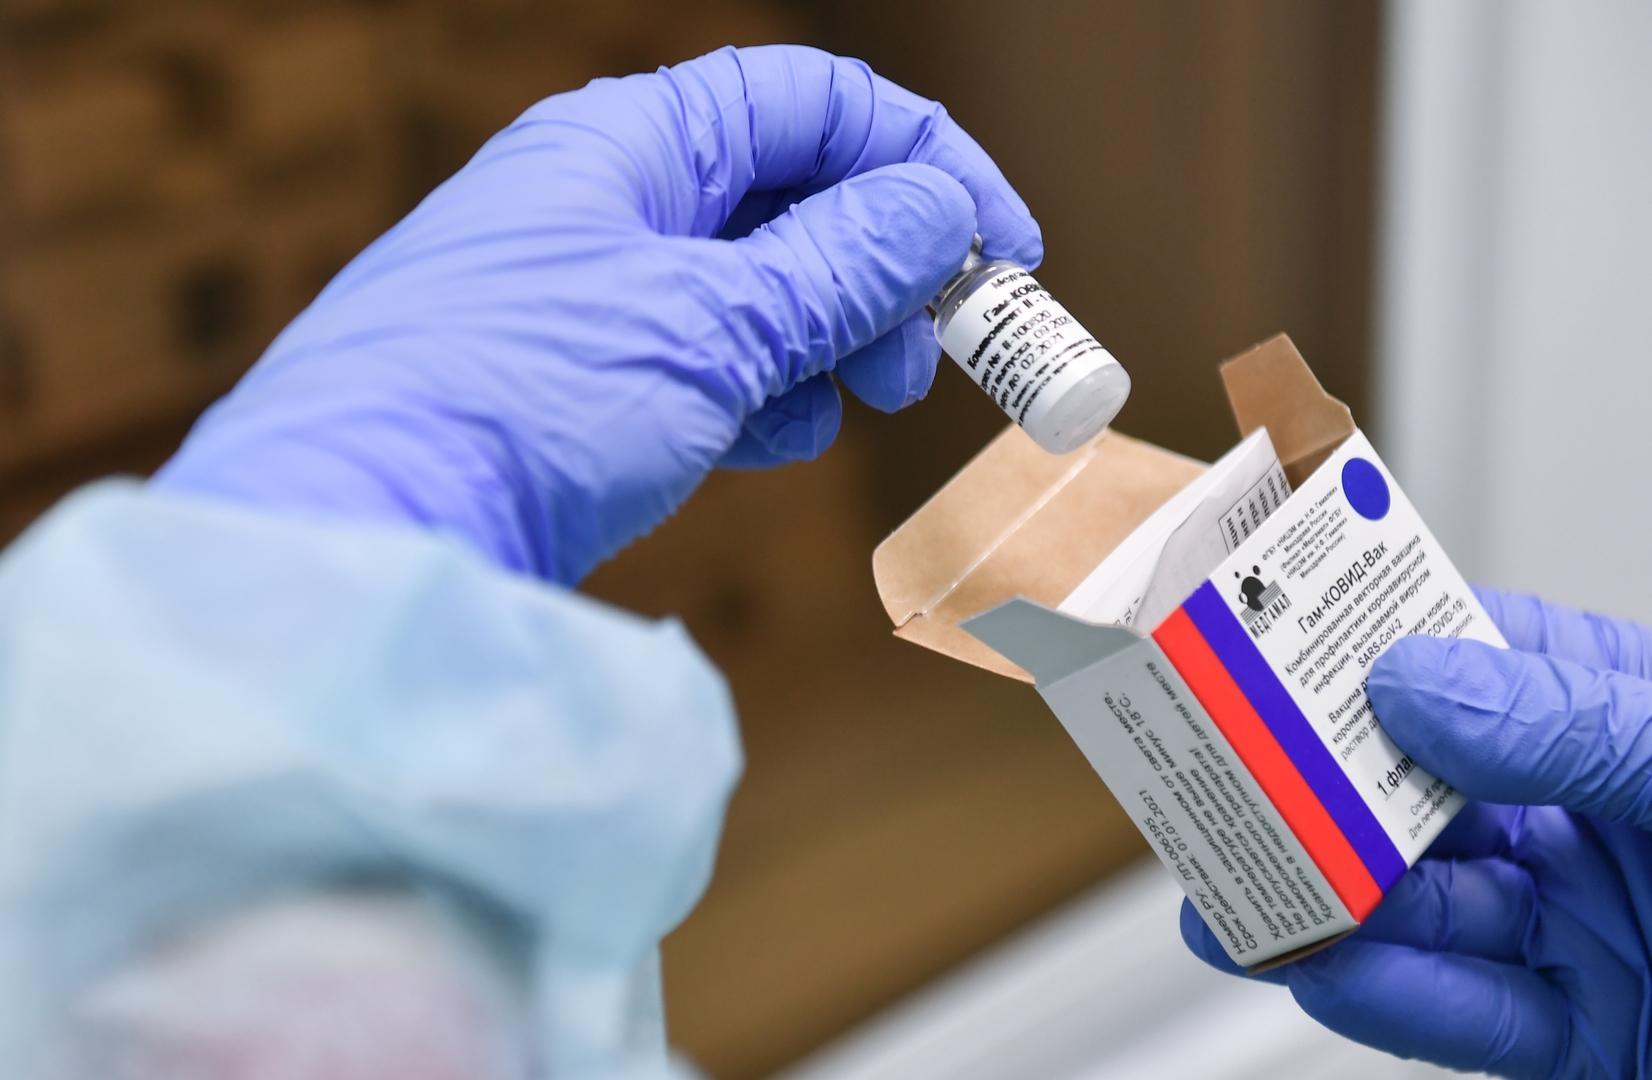 مركز طبي في الأوروغواي يشتري 1.5 مليون جرعة من لقاح